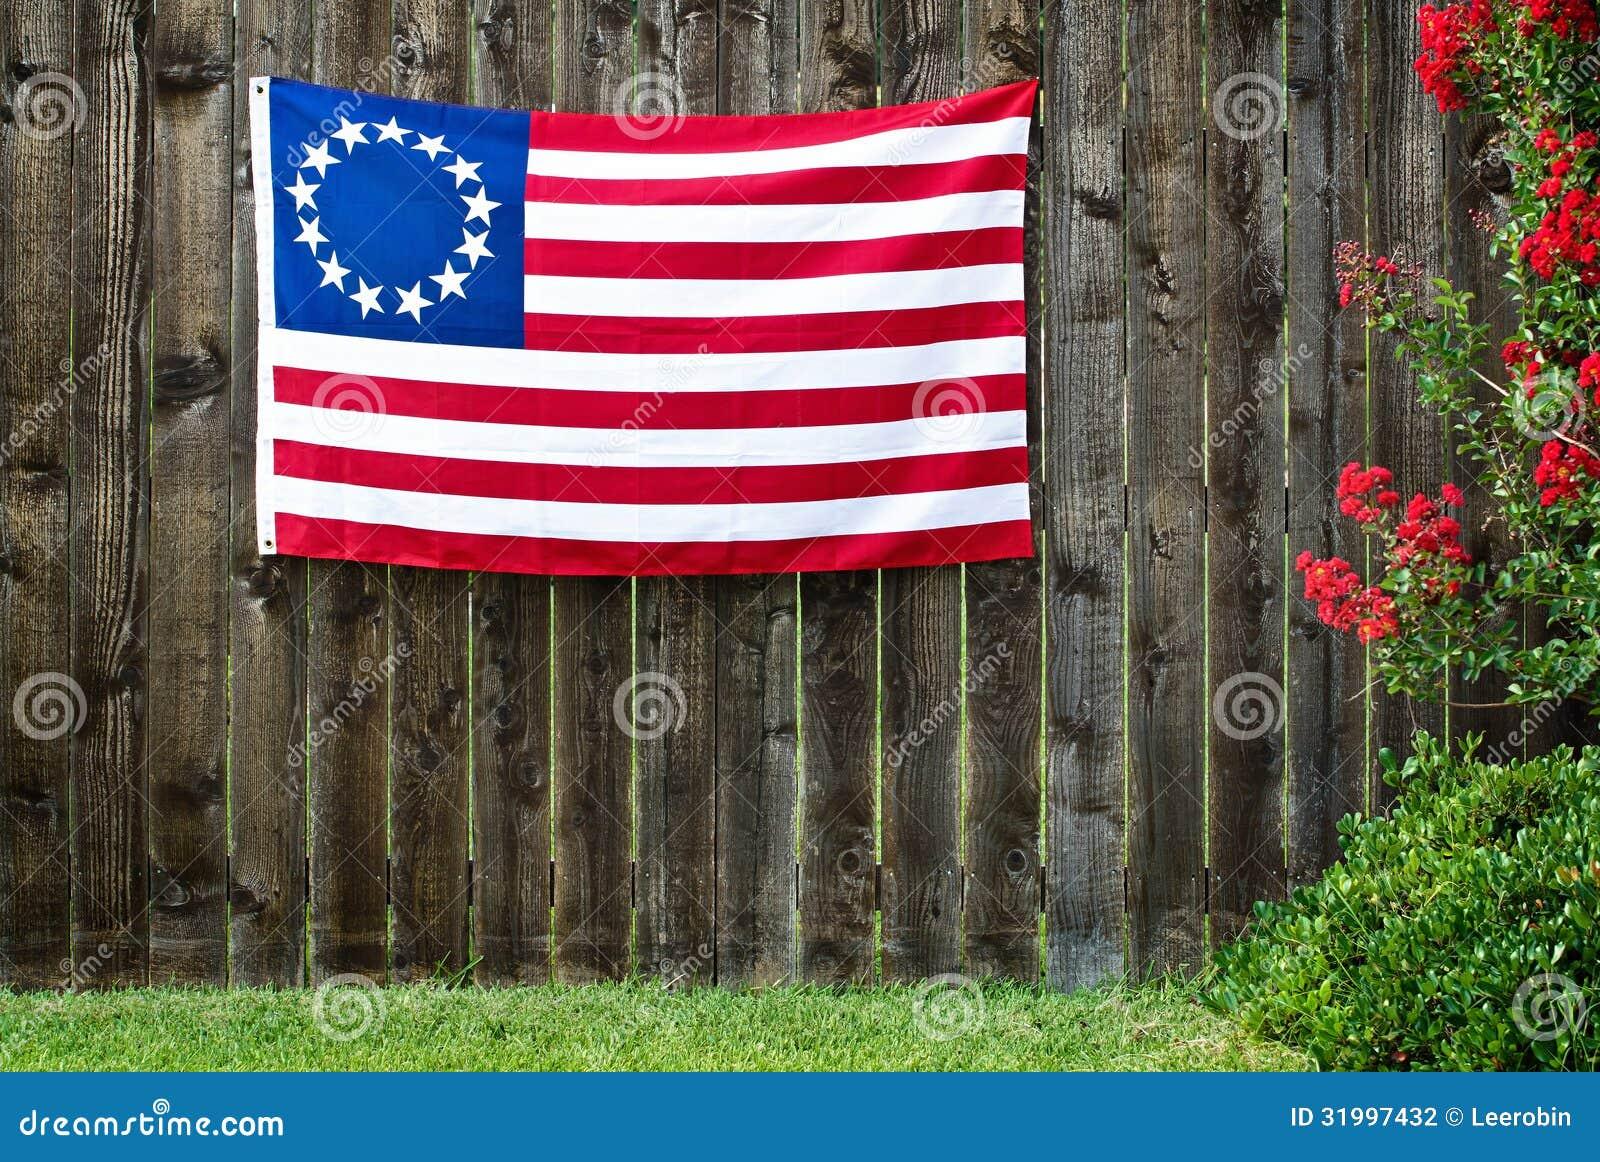 Drapeau américain de 13 étoiles, le drapeau de Betsy Ross